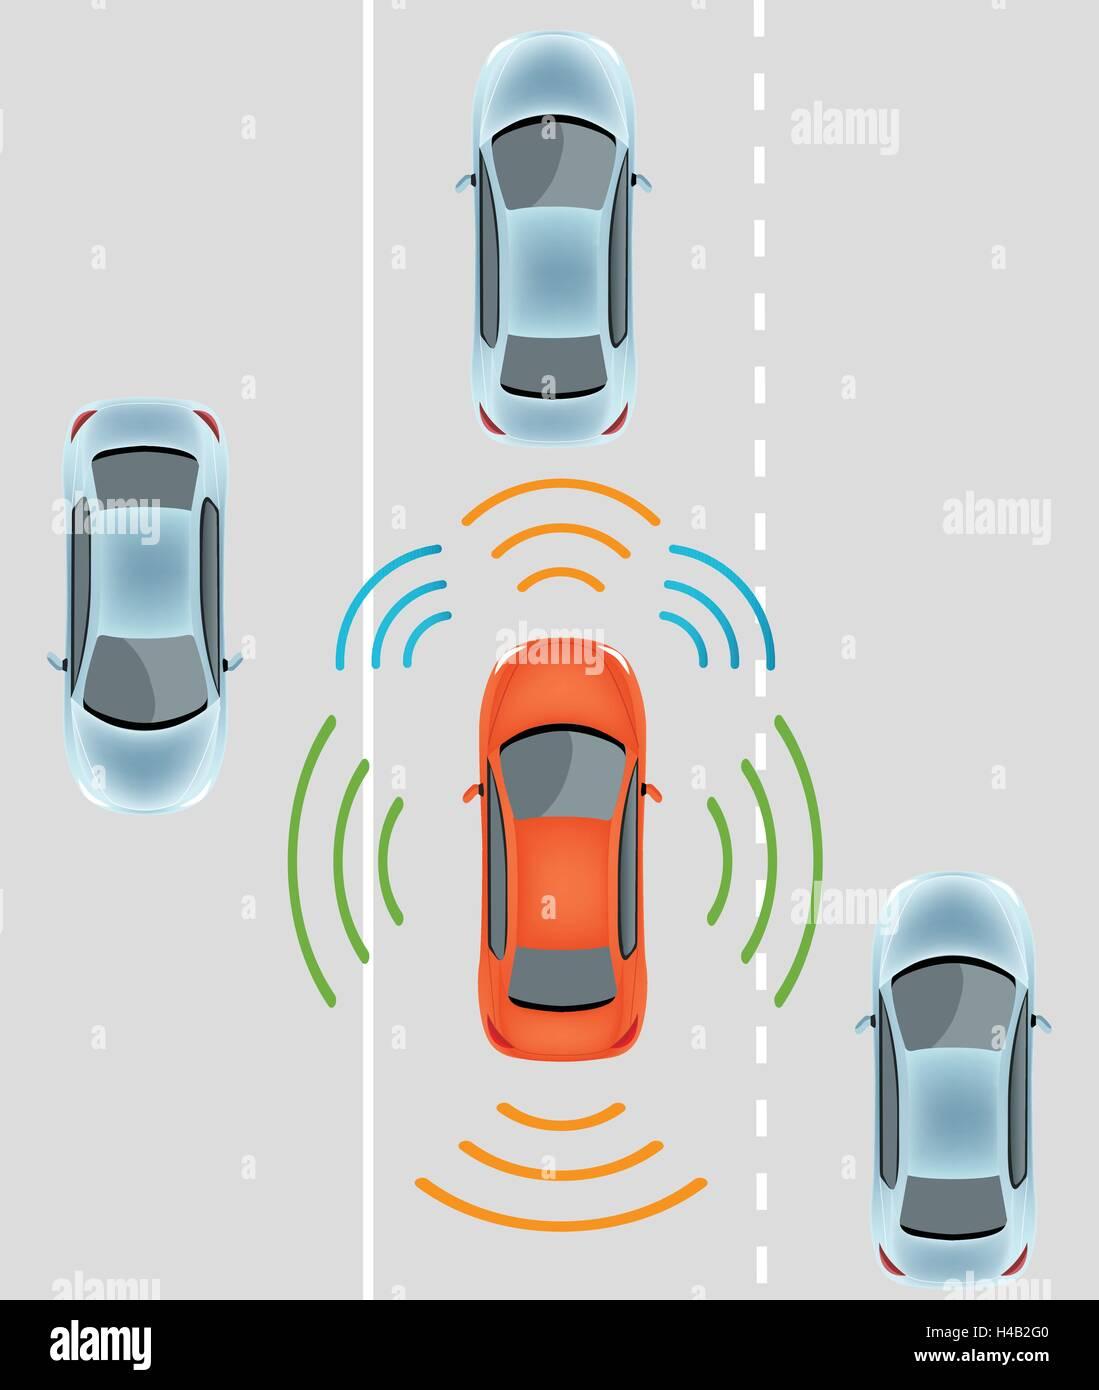 Autonomous Vehicle Stock Photos & Autonomous Vehicle Stock